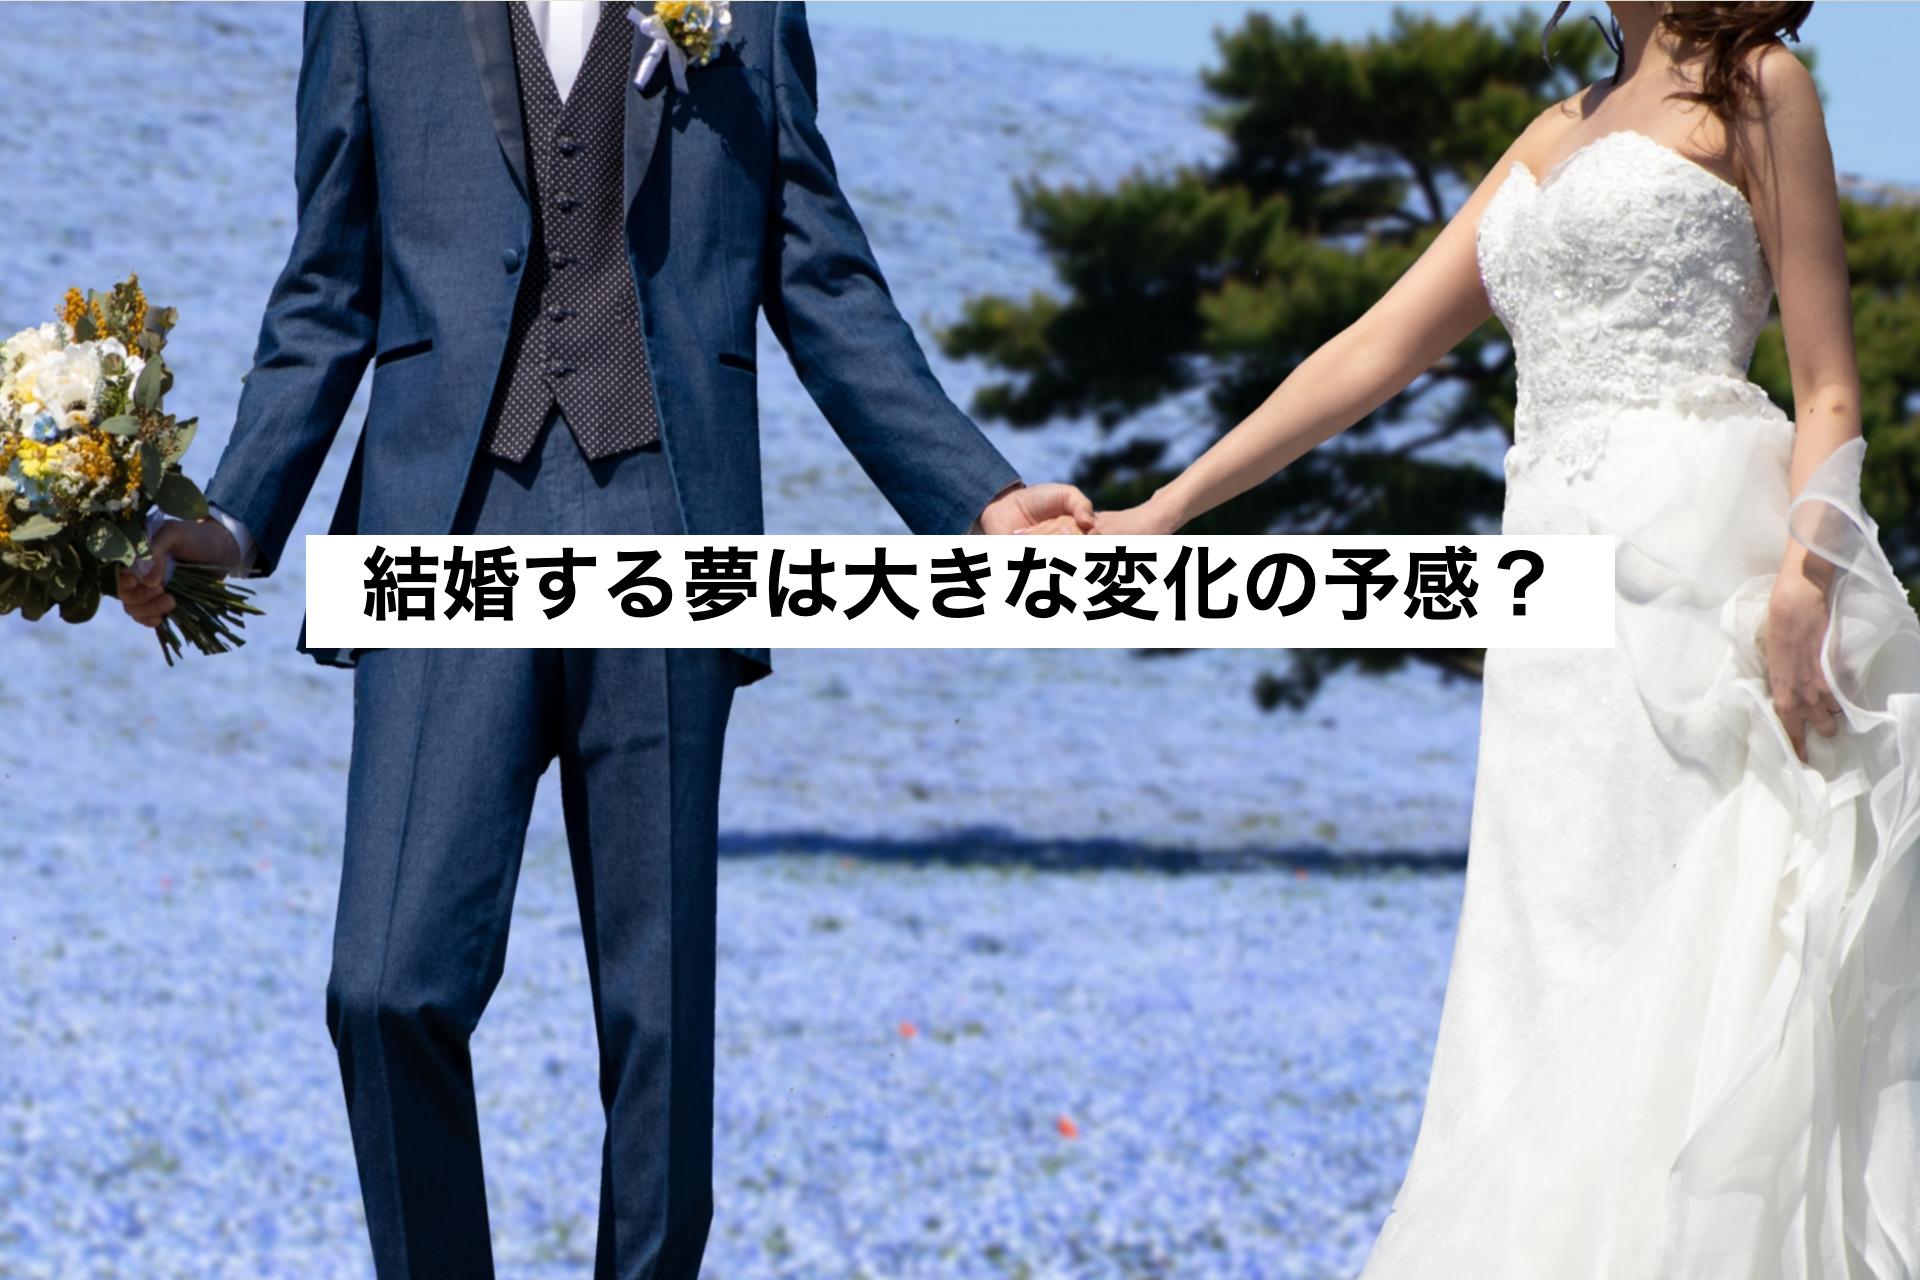 結婚する夢は大きな変化の予感?相手別・自分以外のパターンも解説